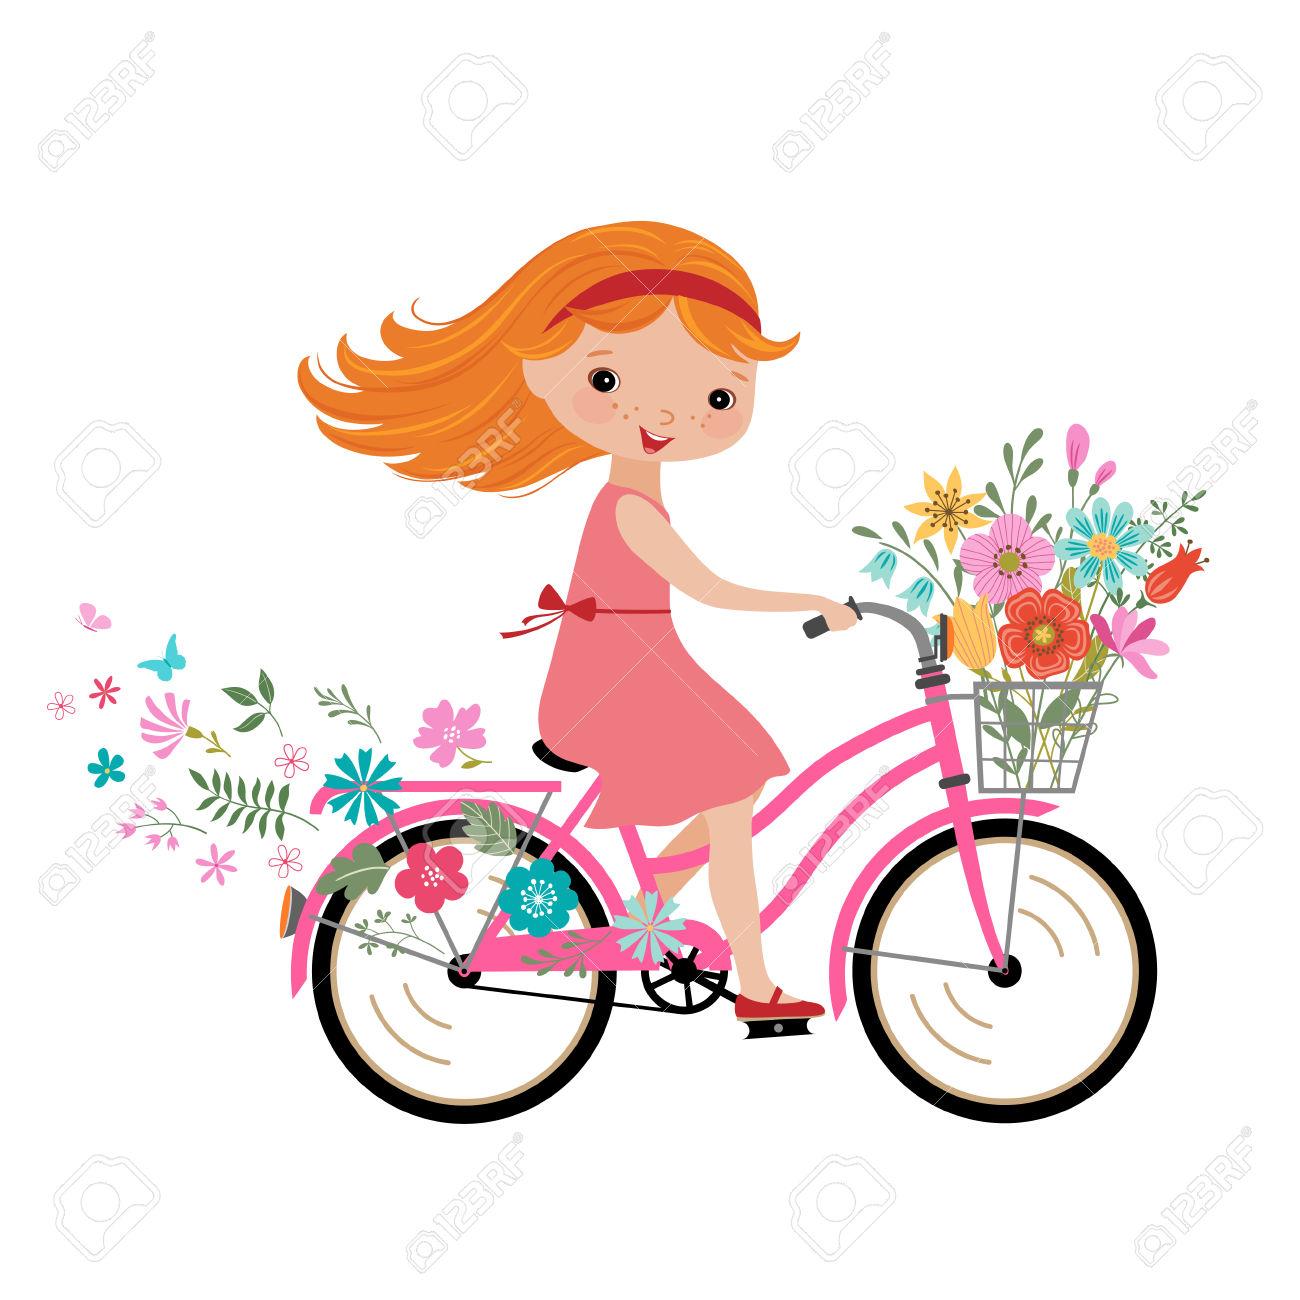 1300x1300 Clipart Of A Little Girl Riding A Bike